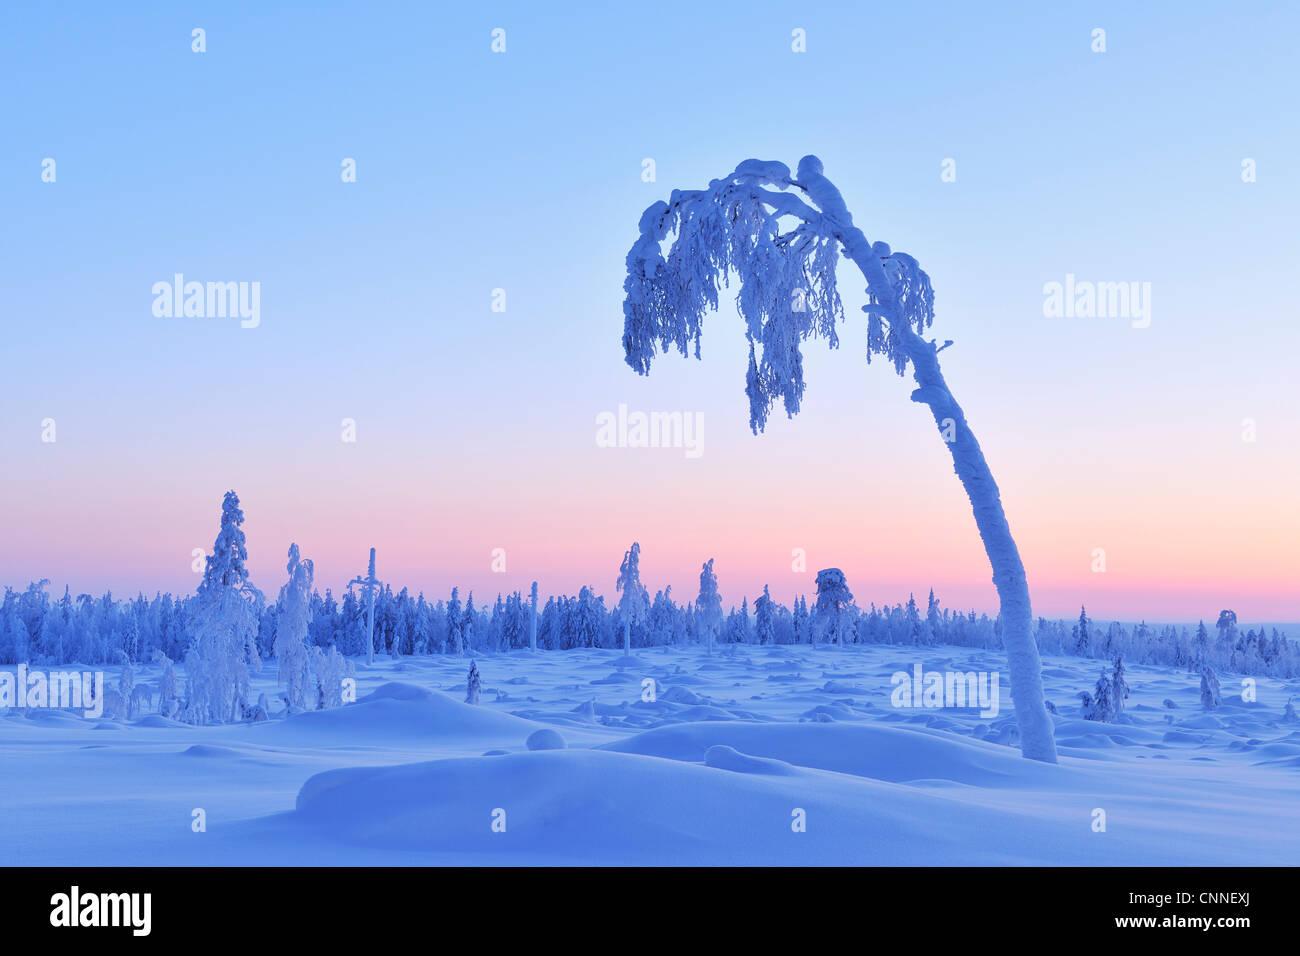 Arbre couvert de neige au crépuscule, Nissi, Ostrobotnie du Nord, en Finlande Banque D'Images